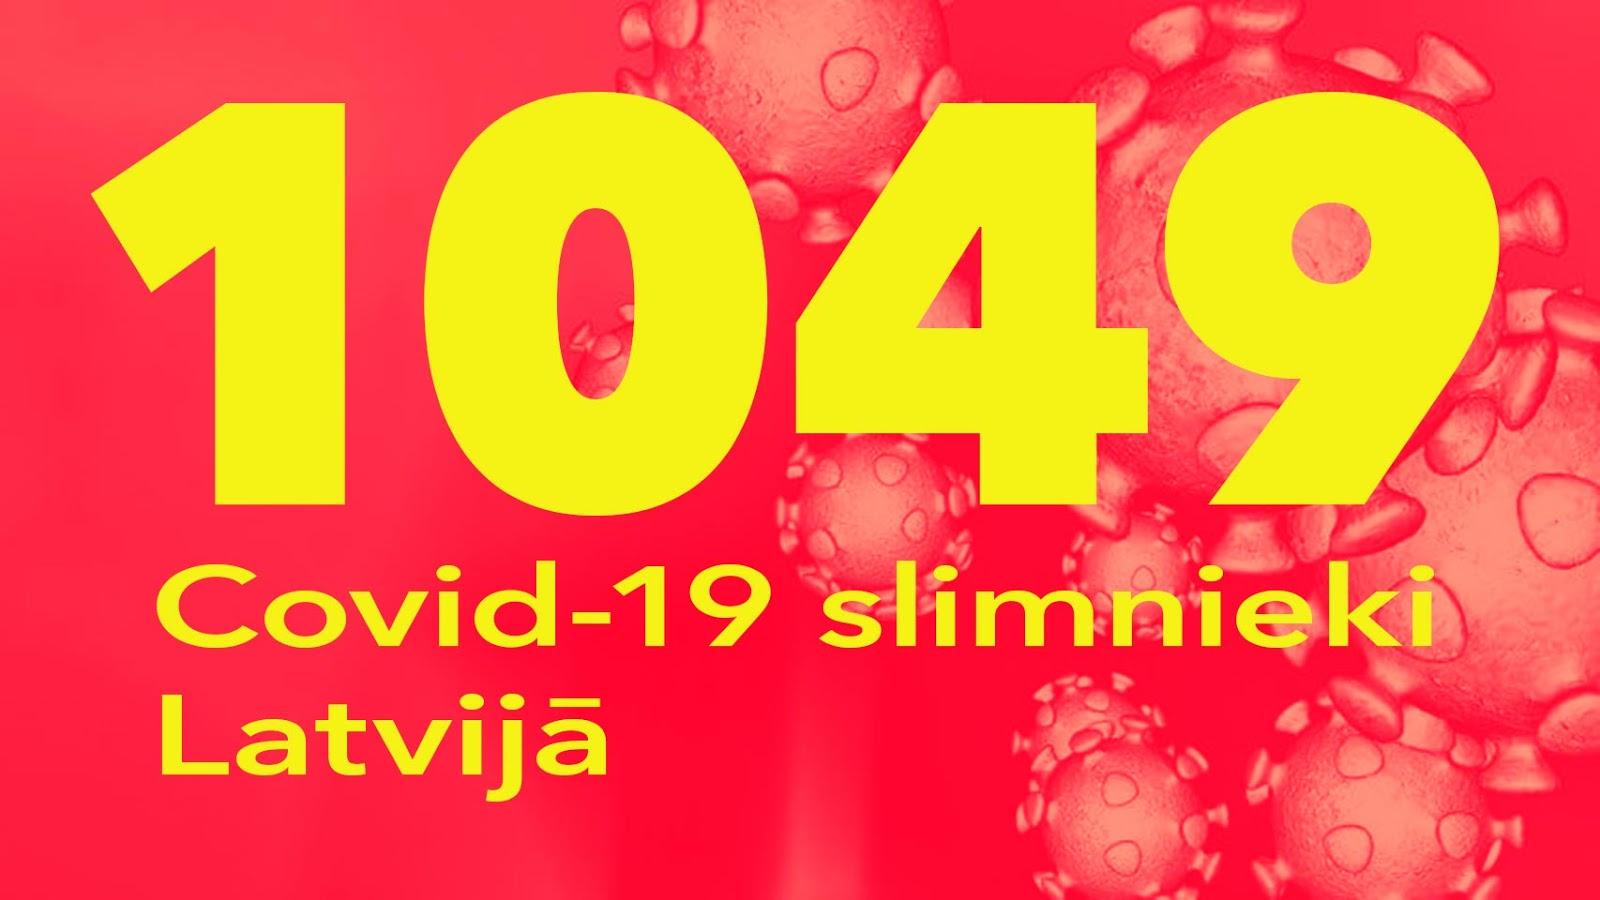 Koronavīrusa saslimušo skaits Latvijā 25.05.2020.